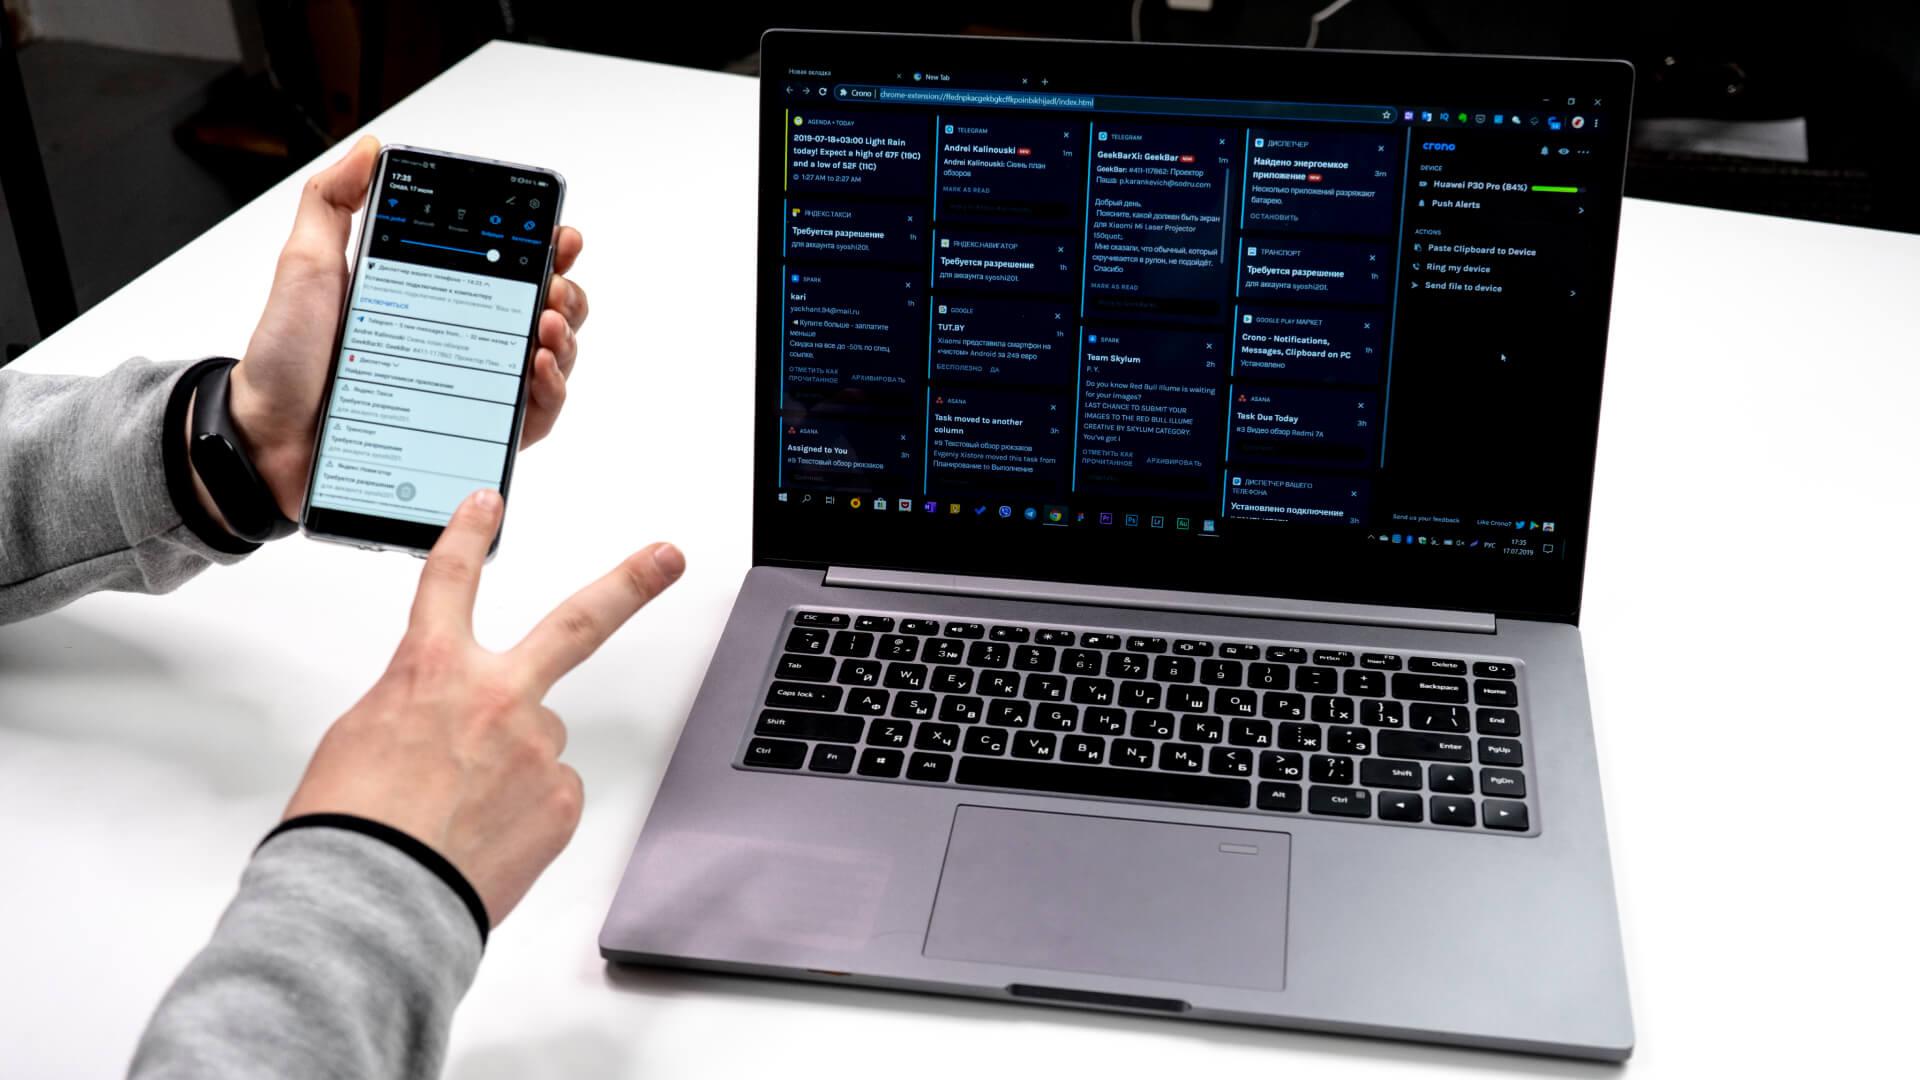 Полная синхронизация вашего Android смартфона с компьютером